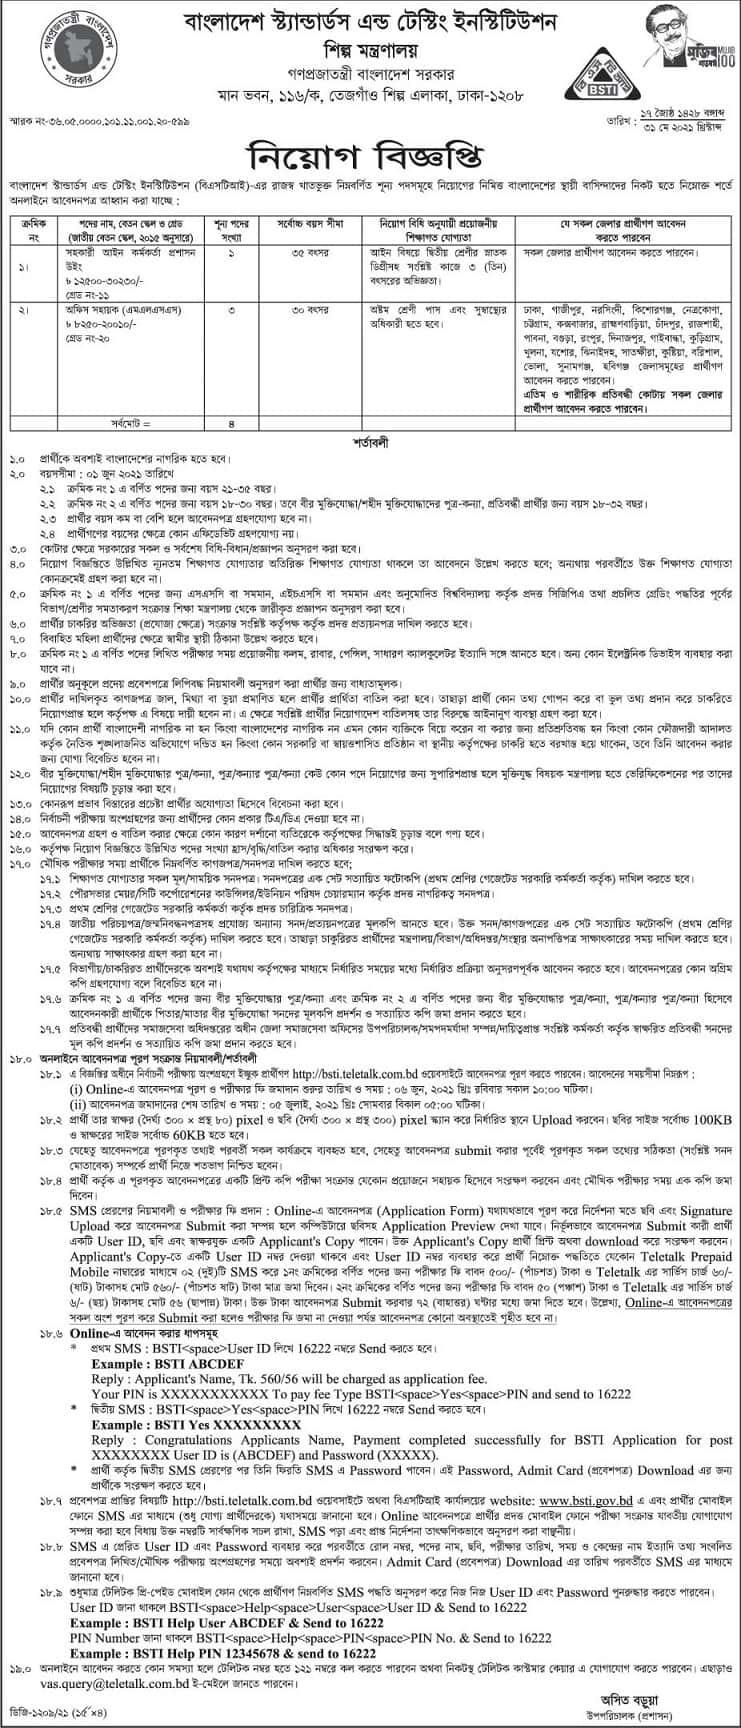 বাংলাদেশ স্ট্যান্ডার্ডস এন্ড টেস্টিং ইন্সটিটিউশন এ নিয়োগ বিজ্ঞপ্তি   BSTI Job Circular 2021